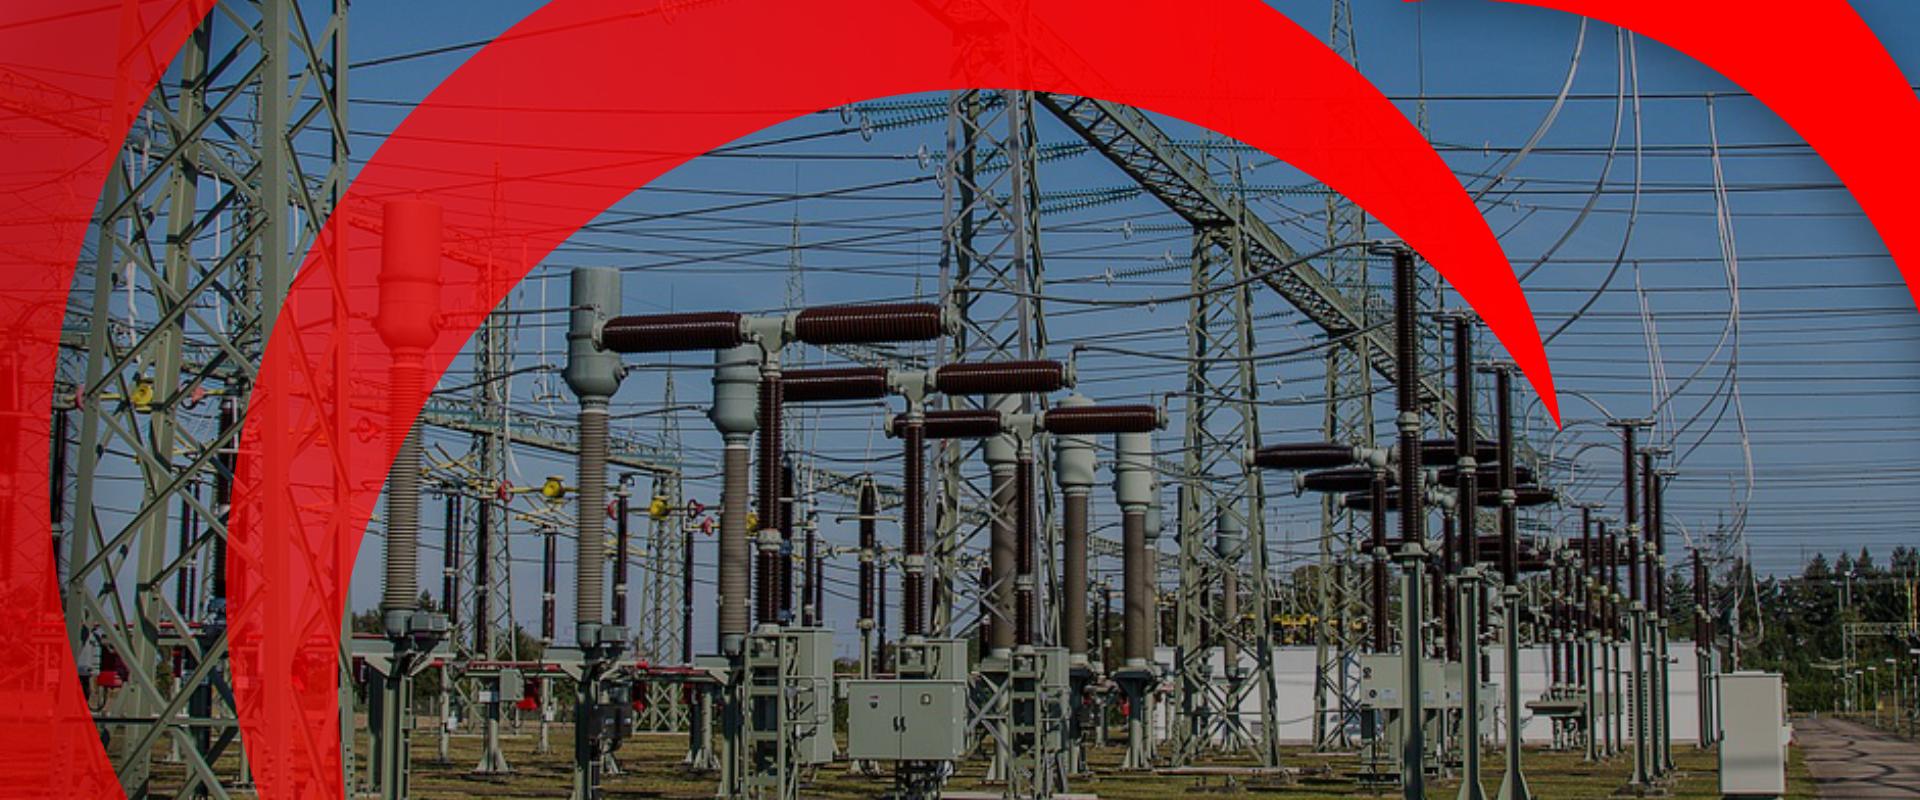 Novack & Novack é segurança e qualidade para sistemas de energia elétrica em todo o BRASIL.